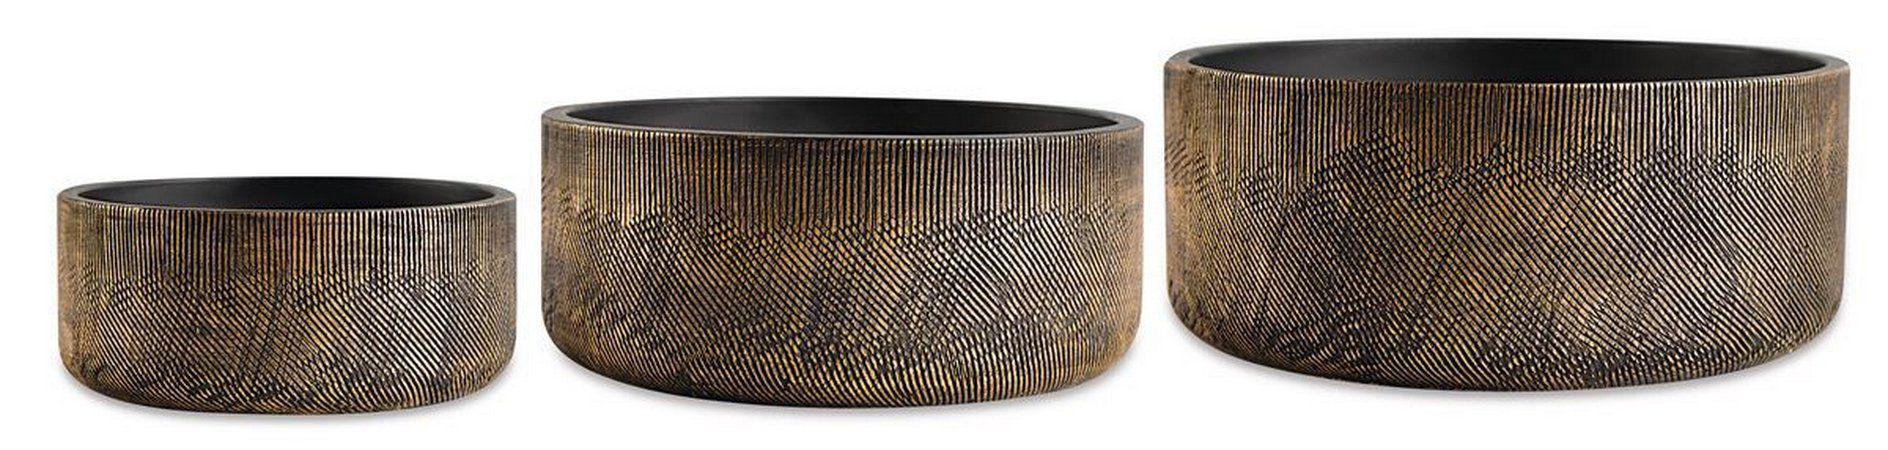 Conjunto de Vasos Preto e Dourado em Cimento - 3 peças